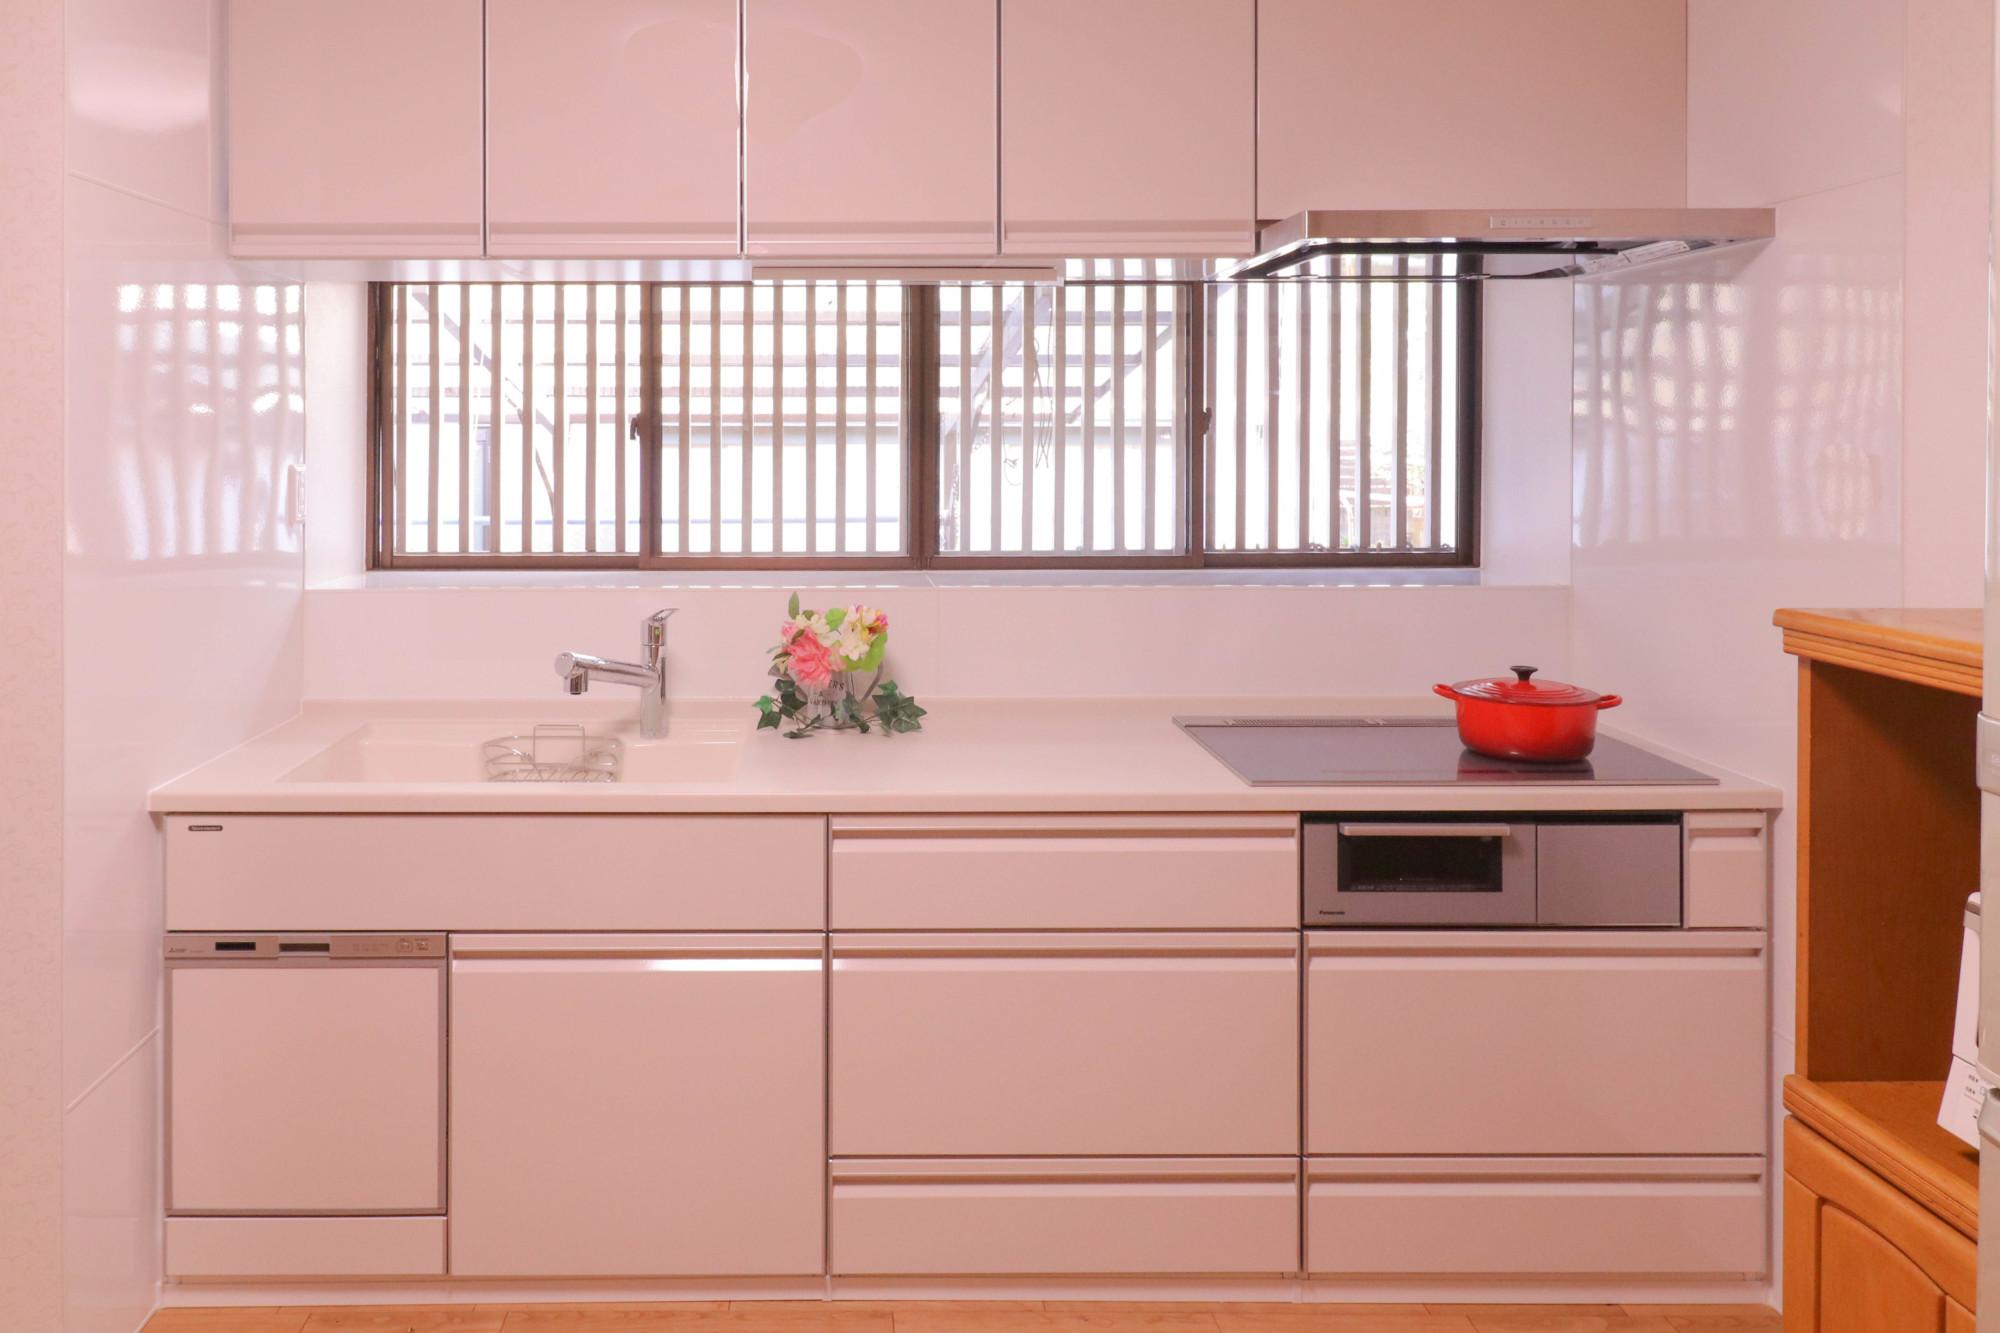 佐賀市城内 M様 キッチン改修工事『家族の笑顔が生まれるキッチン』